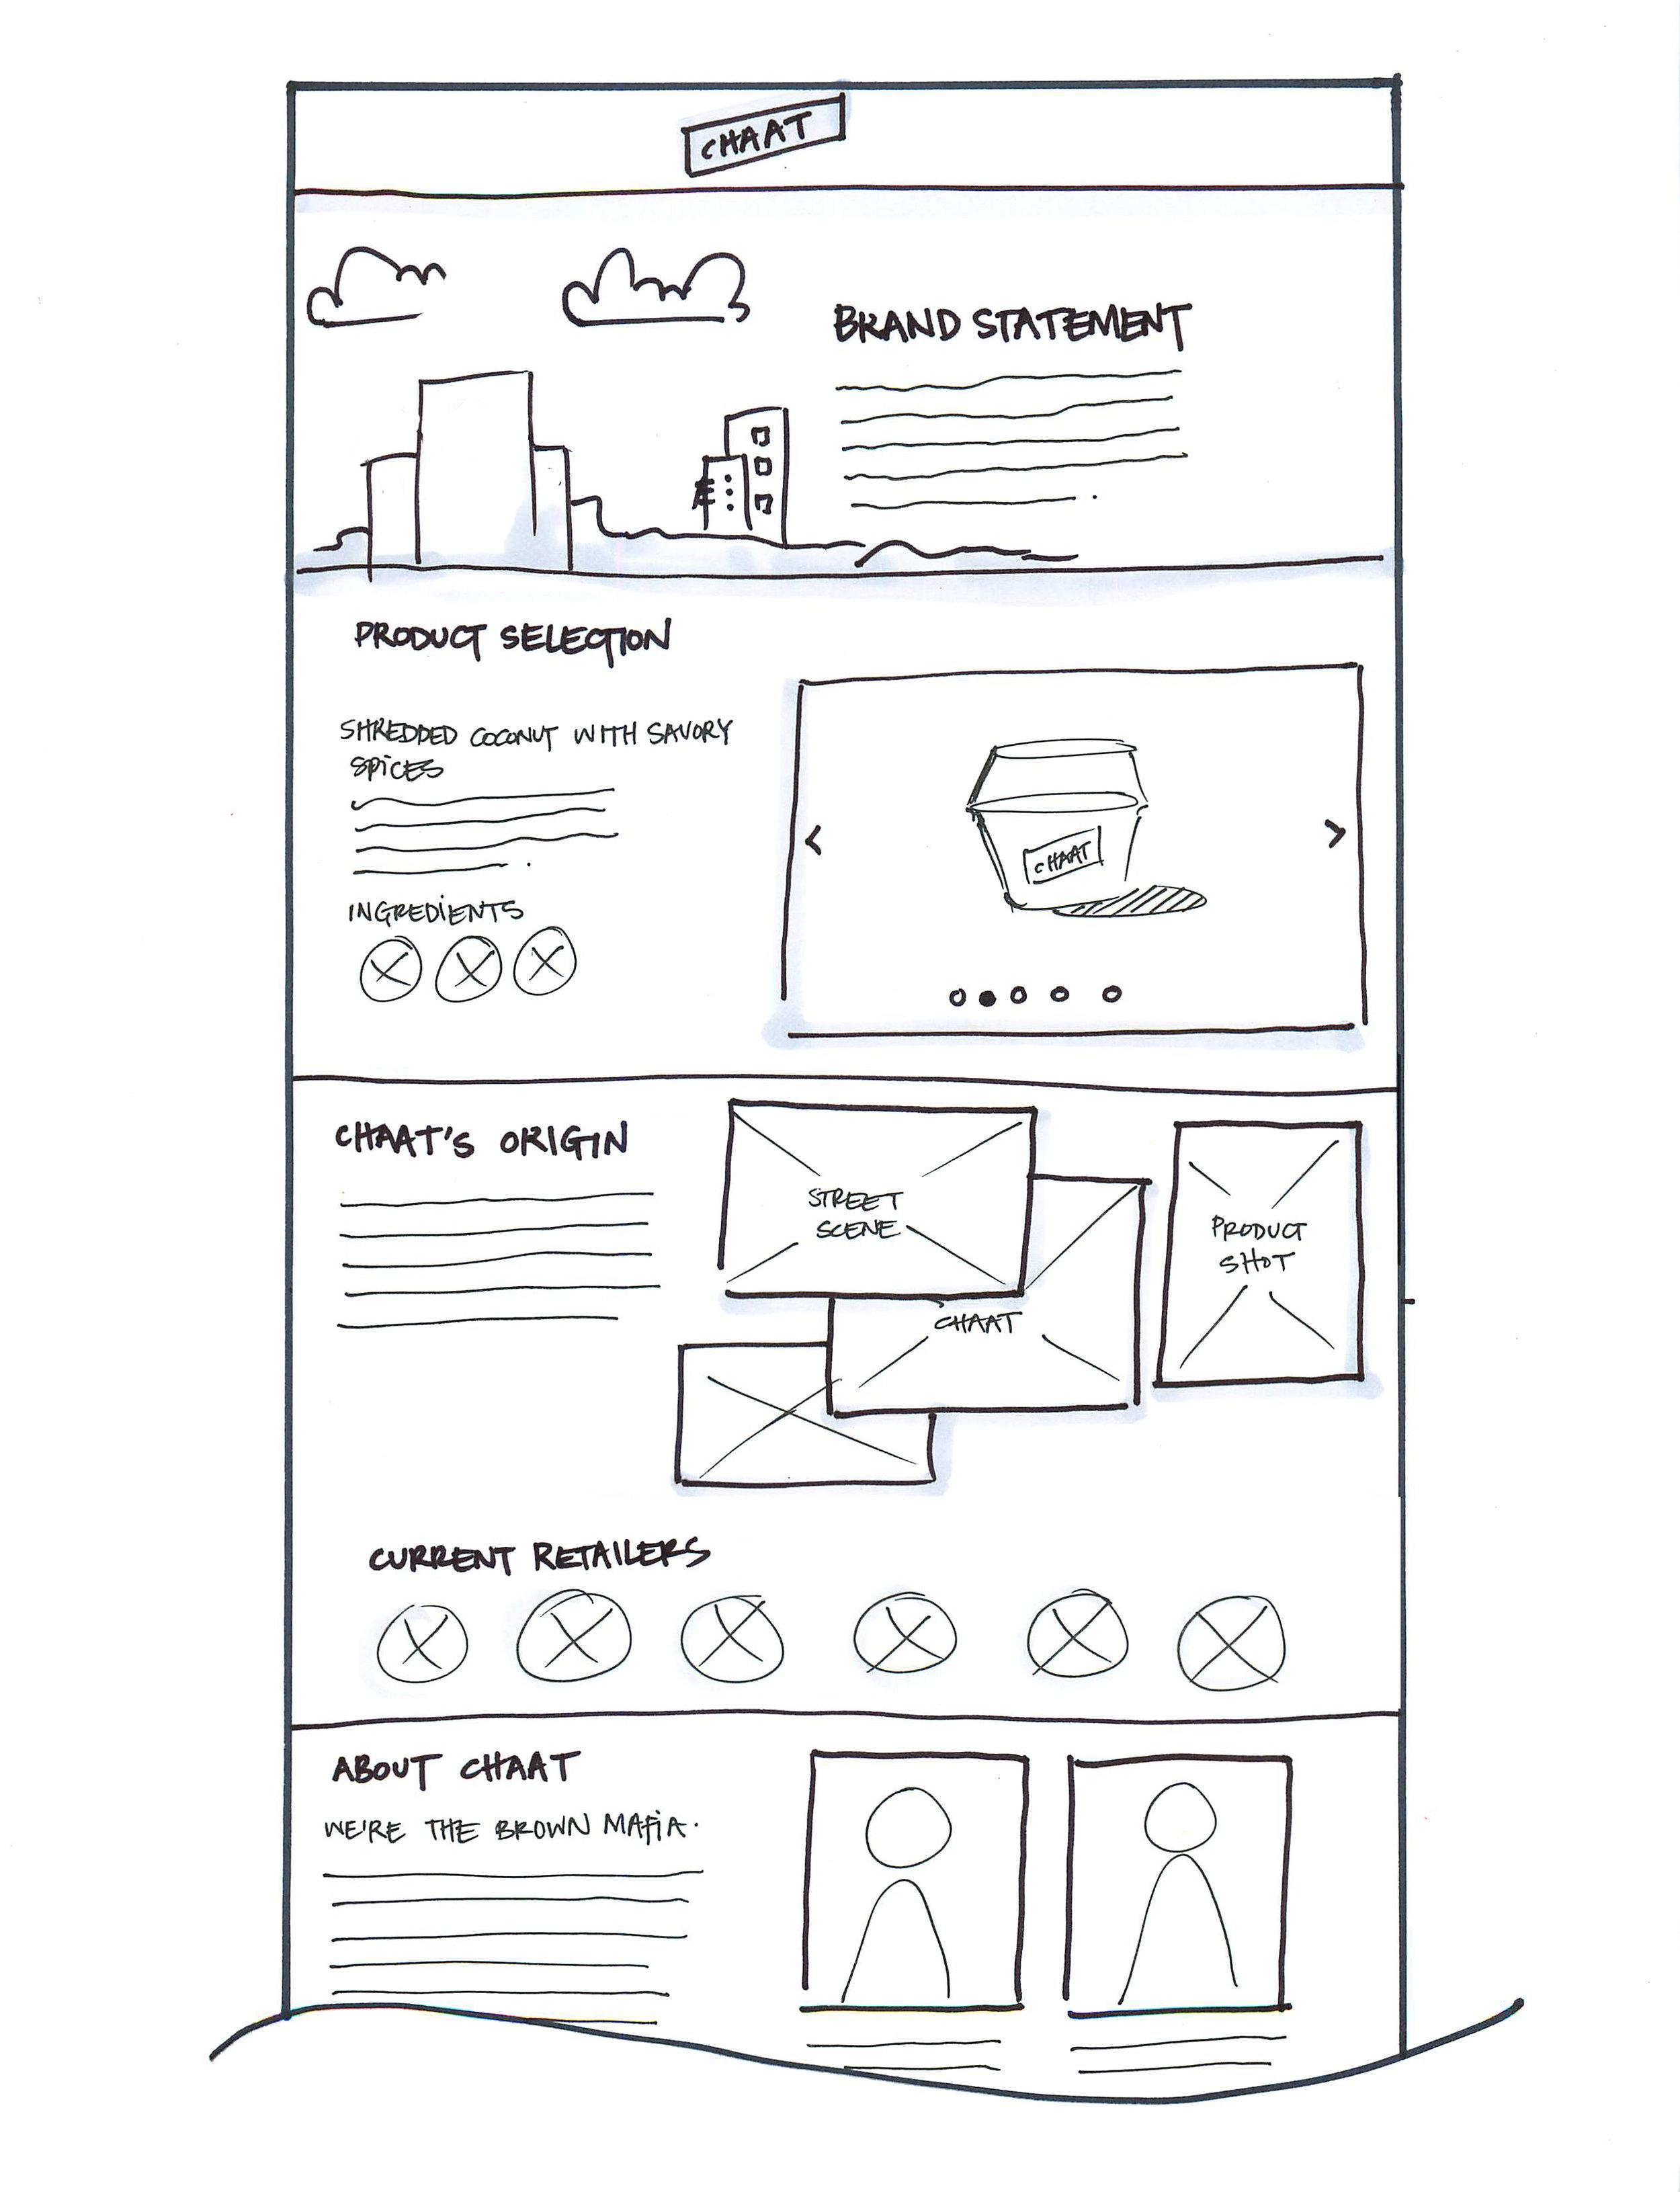 chaat sketches_Page_2.jpg.jpg